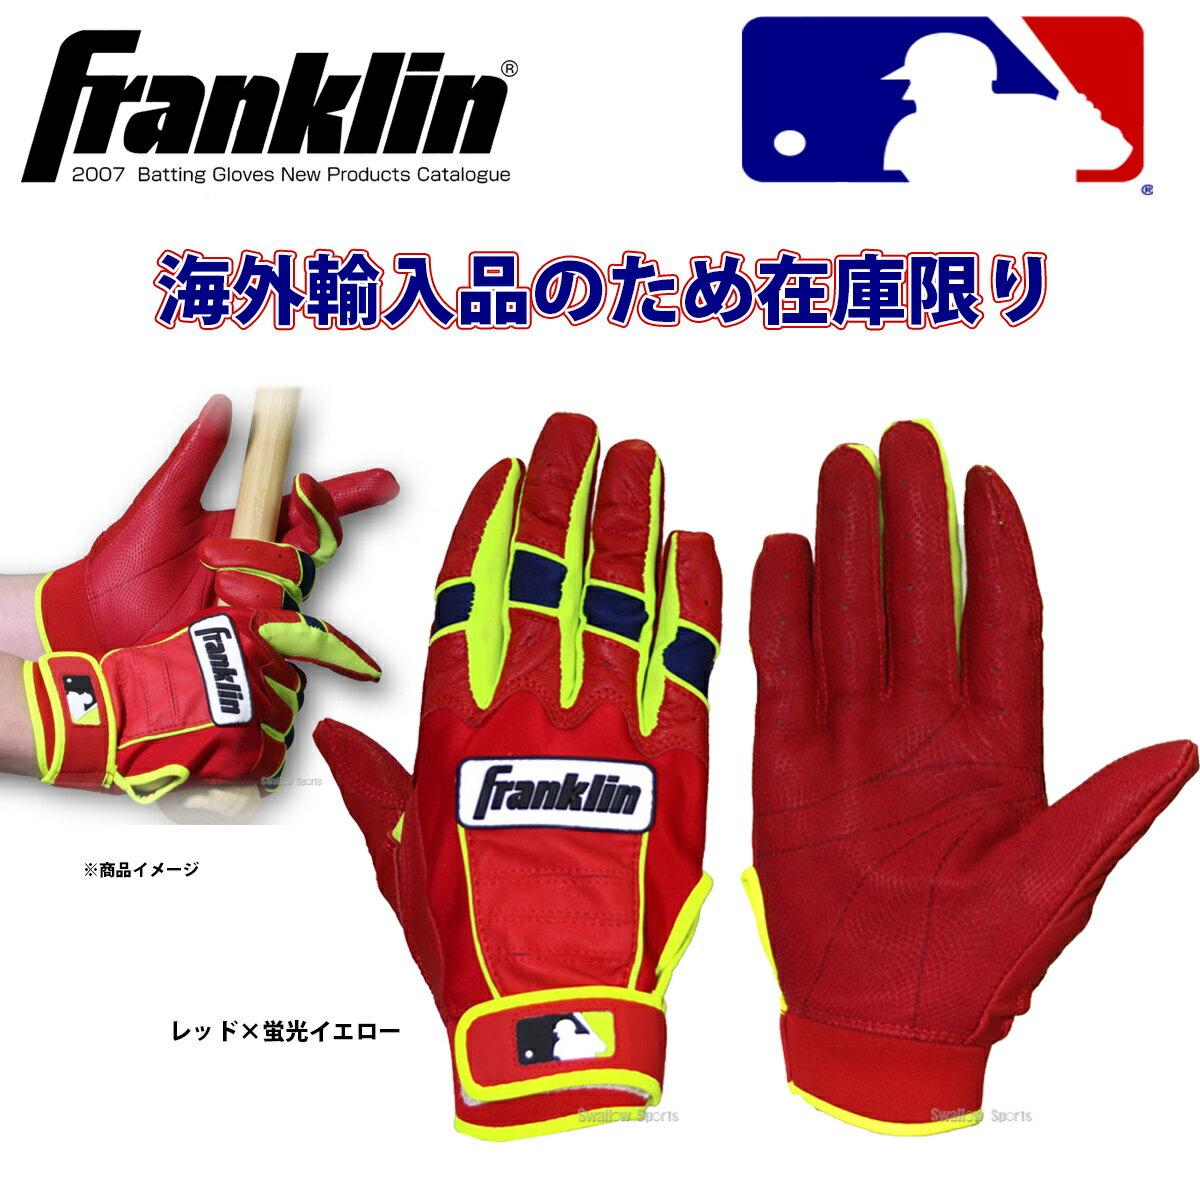 フランクリン バッティンググローブ CFX 両手用 20562 バッティンググローブ 手袋 野球部 野球用品 スワロースポーツ